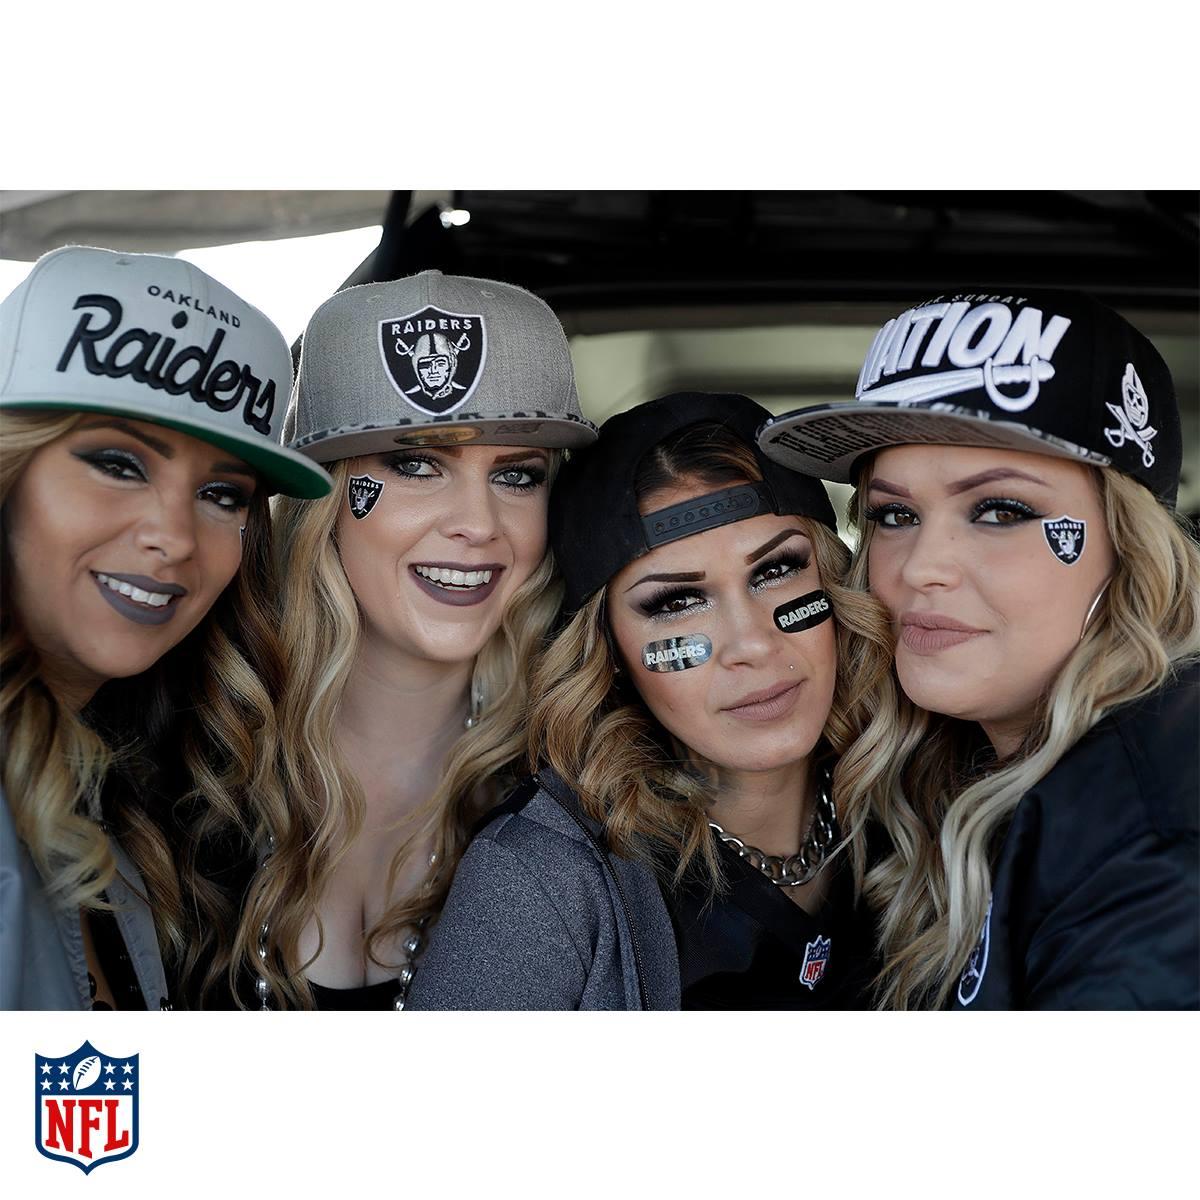 Four women in Oakland Raiders hats